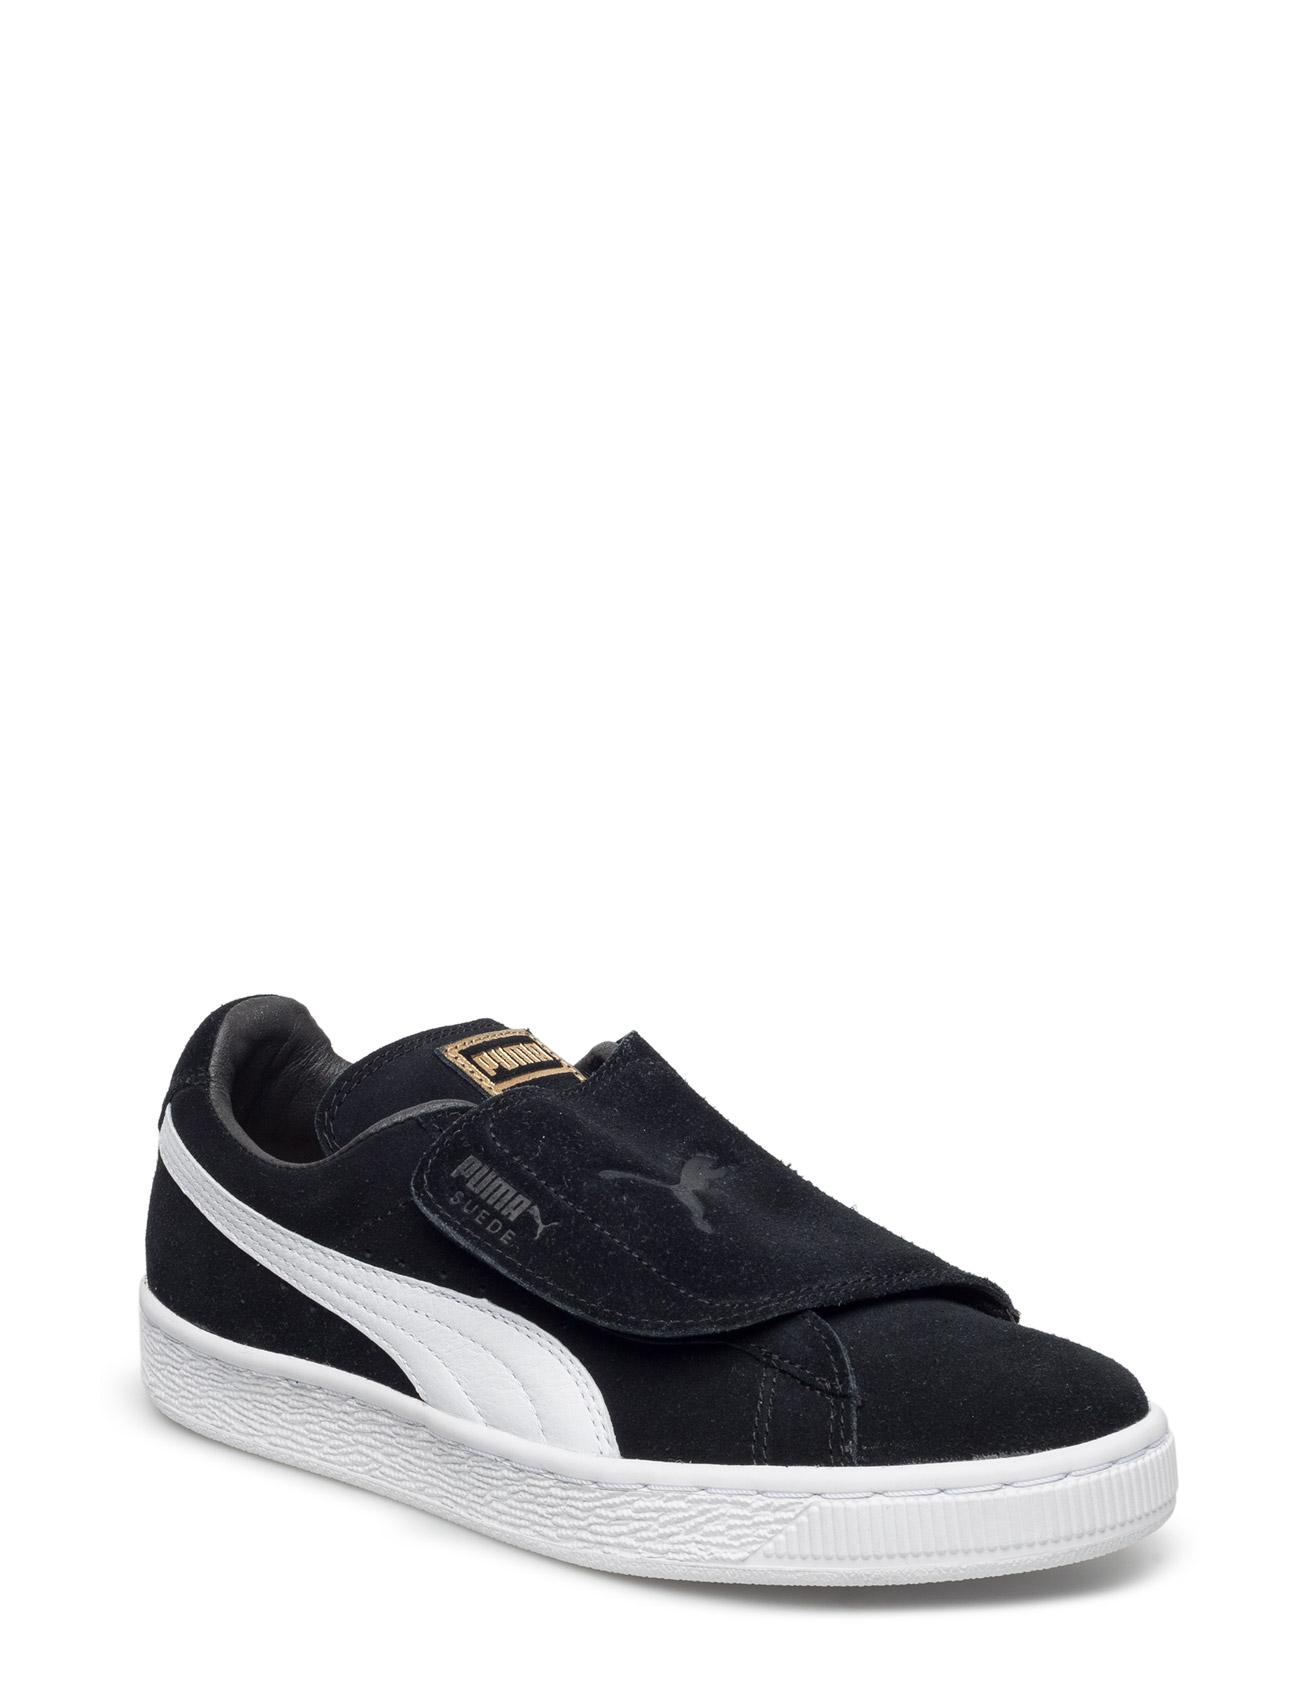 Suede Wrap Puma Sneakers til Mænd i